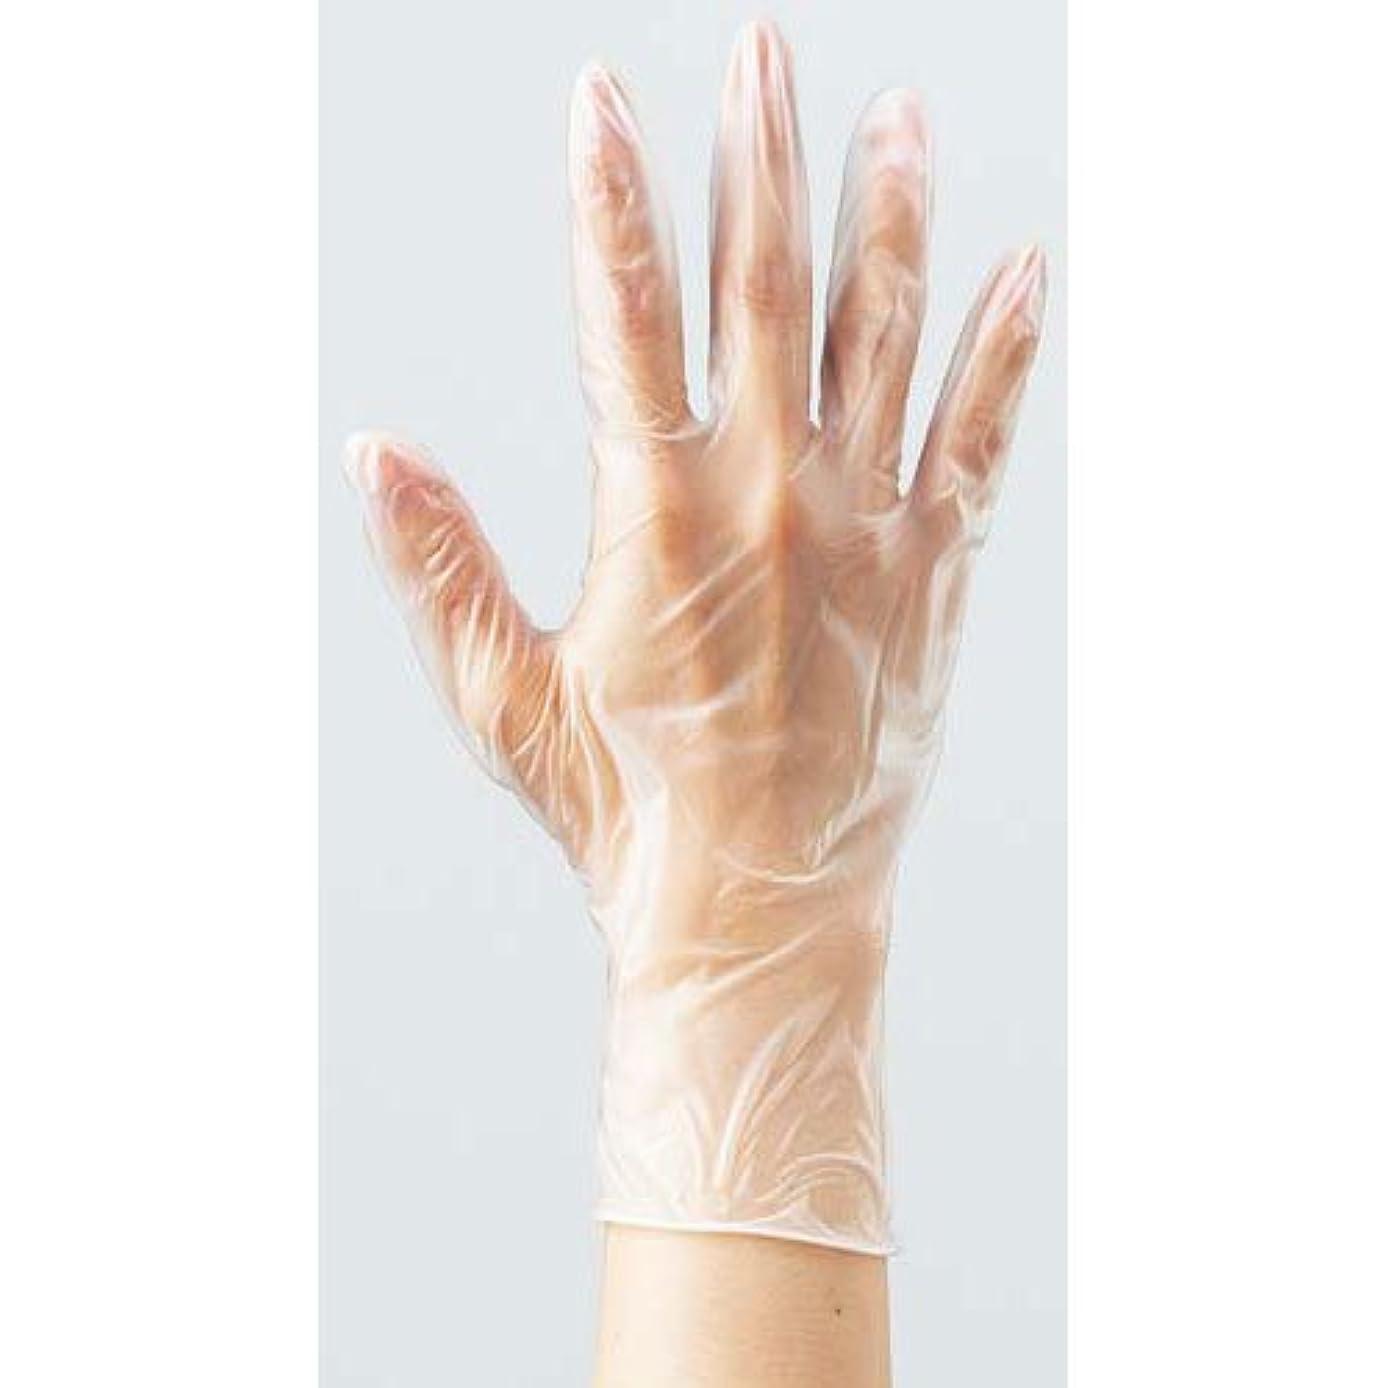 厚さ厚さ気がついてカウネット プラスチック手袋 袋入 粉無L 100枚